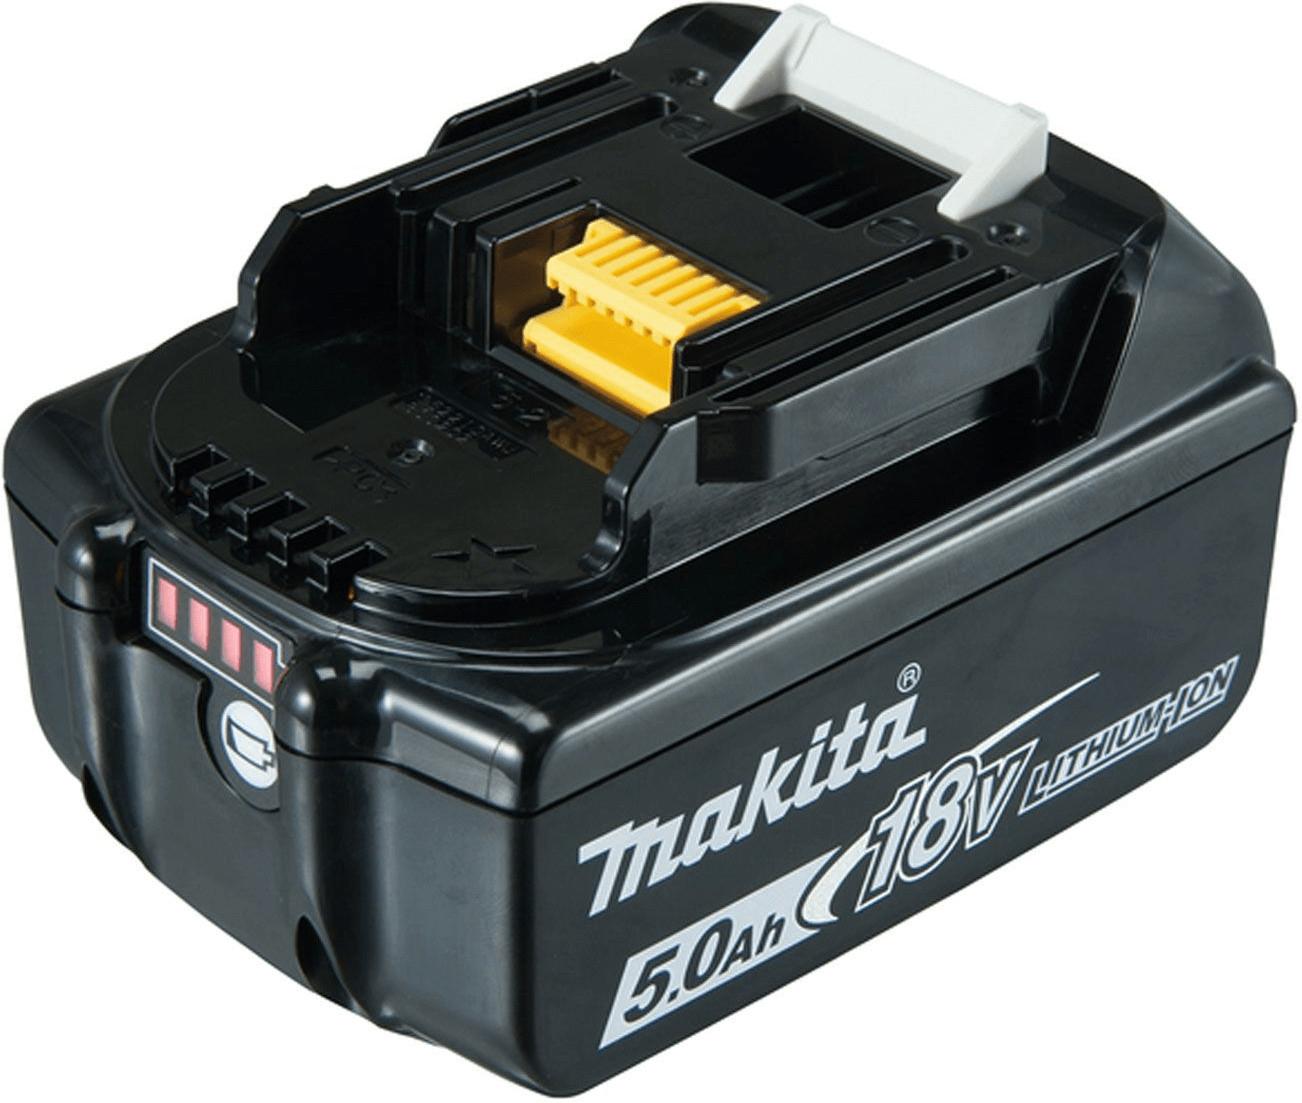 3 Stück Makita BL1850B 5,0Ah 18V Li-Ion Akku mit Ladestandsanzeige für 141€ [Ebay]